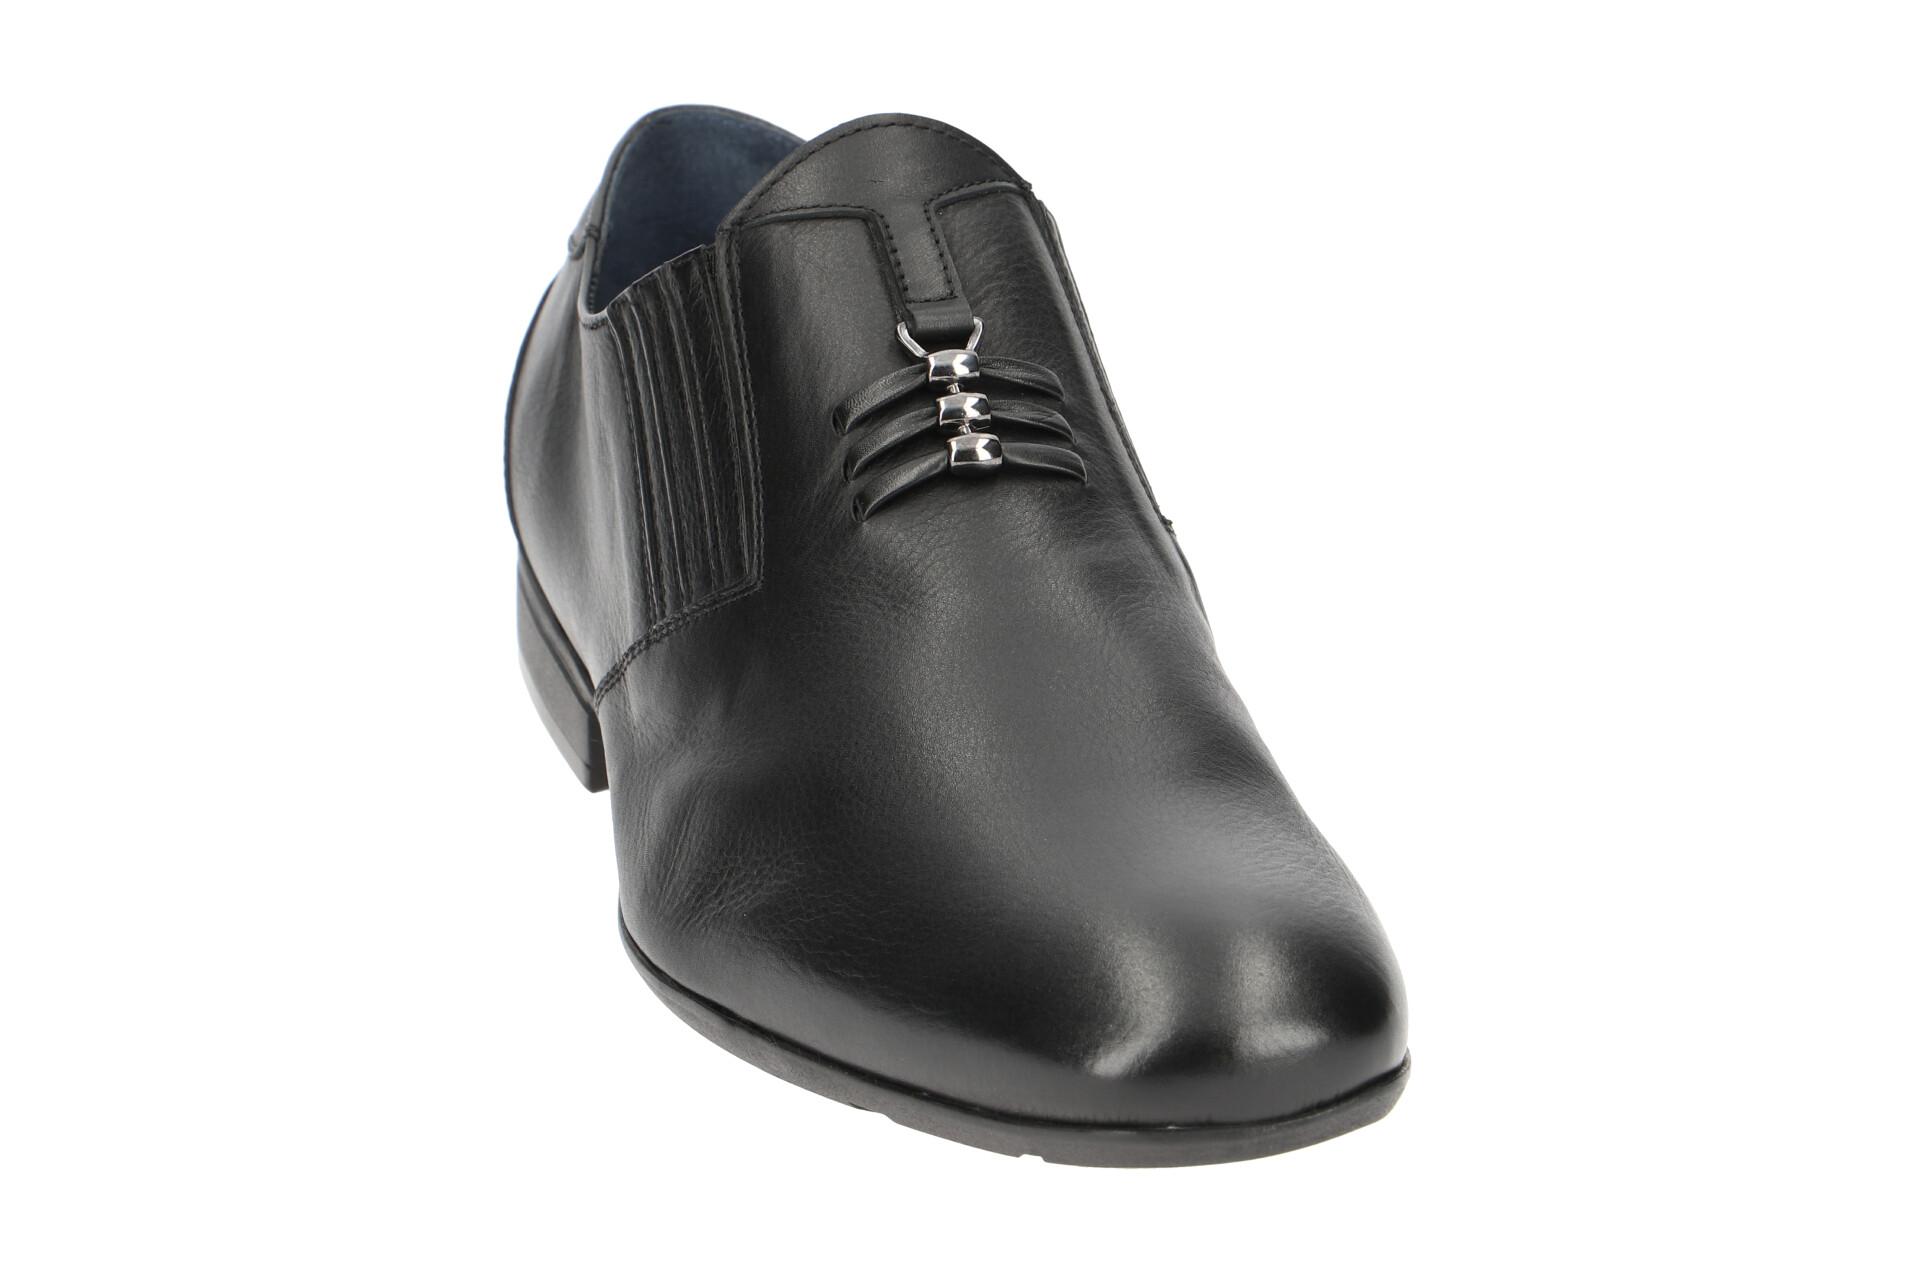 Schwarz Herrenschuhe Zu Details Neu Slipper Schuhe Nero Elegante Bl443 Bello TPkuXOiZ